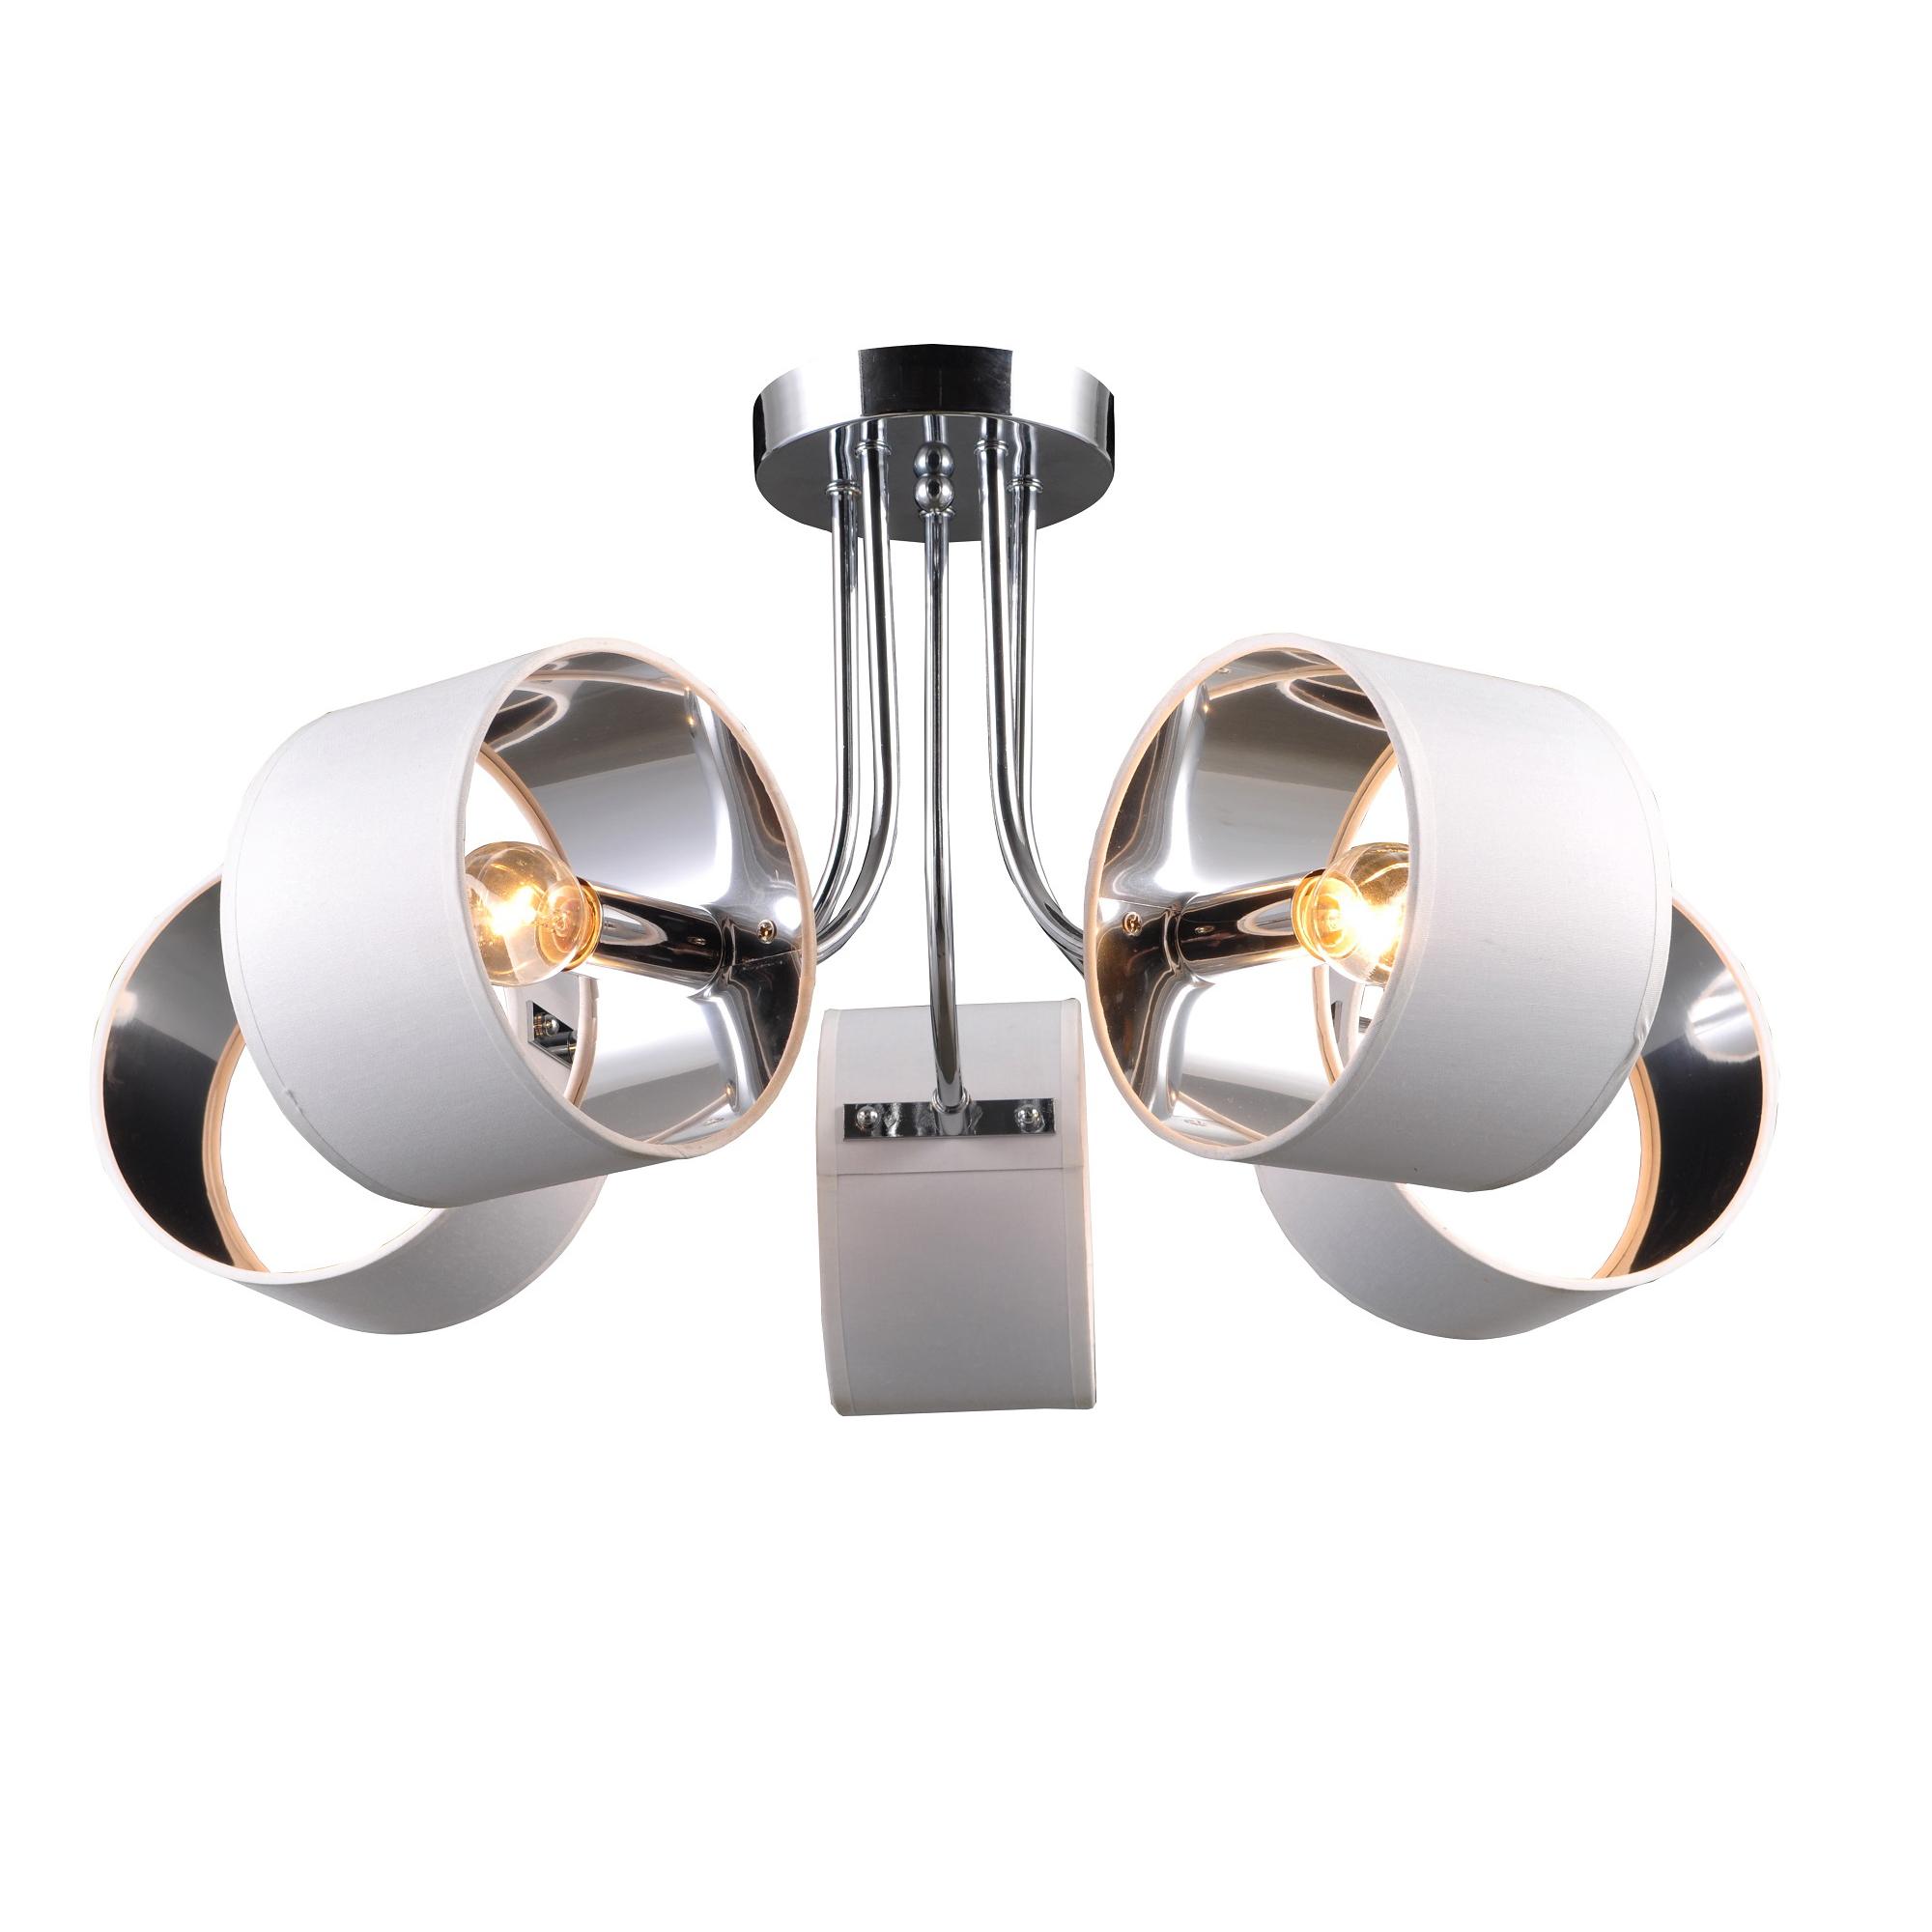 Люстра потолочная J-light BOBBY 1104/5C E14*5*40W хром/хром люстра потолочная j light jeam 1013 8c e14 8 40w черный матовый